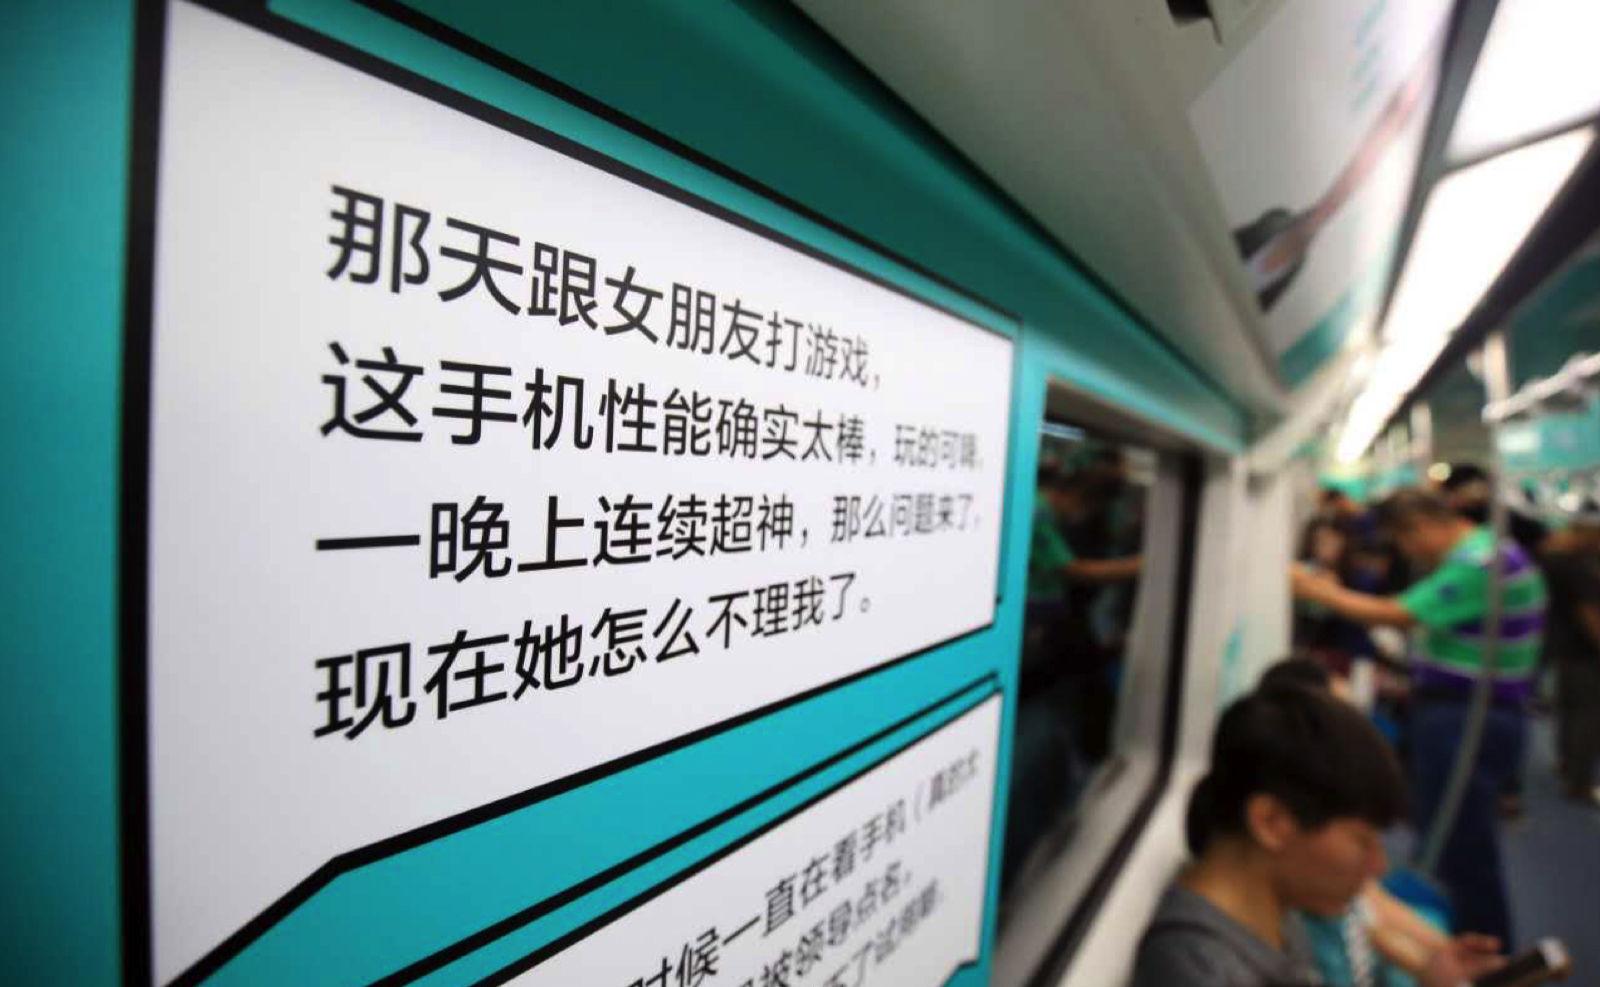 我见过被「diss」最惨的一个,连地铁都用生命在「吐槽」